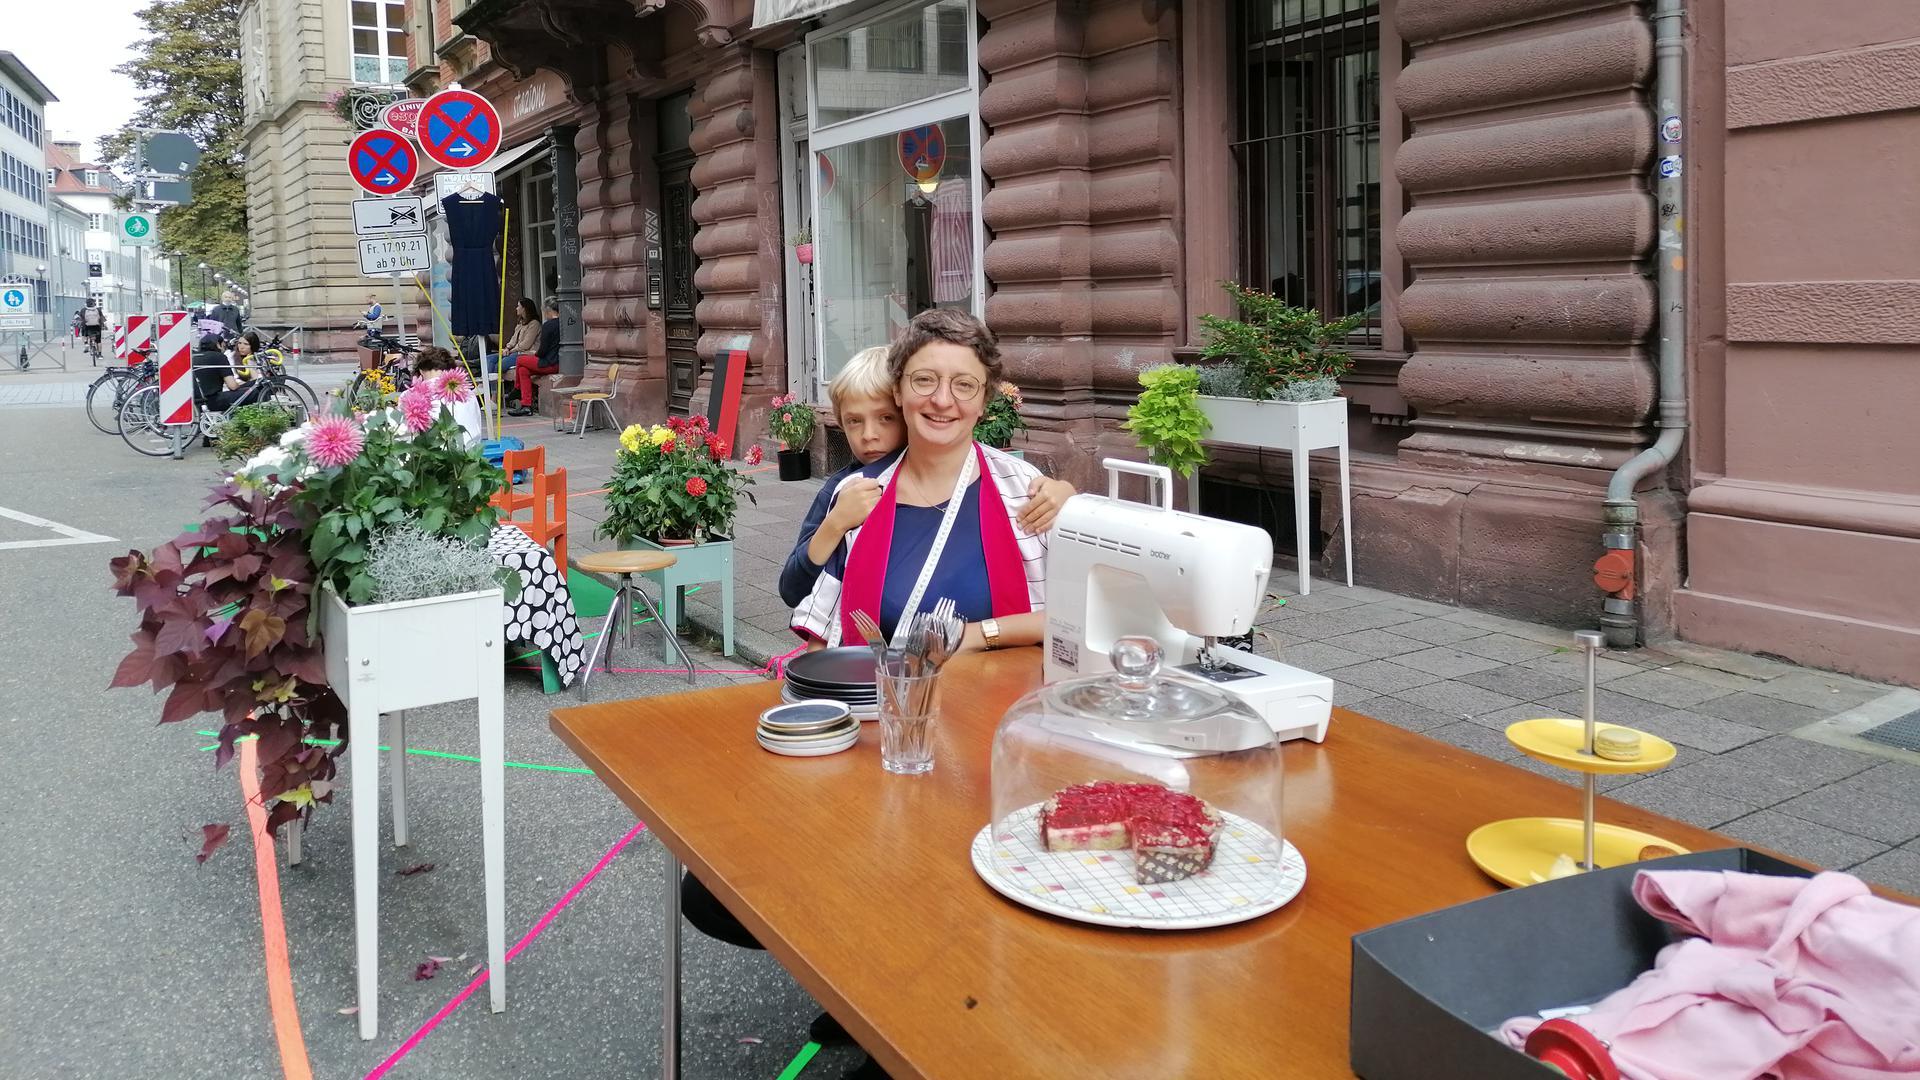 """Auf der Straße vor dem Schneideratelier von Marina Petrikat in der Kreuzstraße gibt es am """"Parking Day"""" Kaffee und Kuchen. Ab Samstag parken dort wieder Autos."""